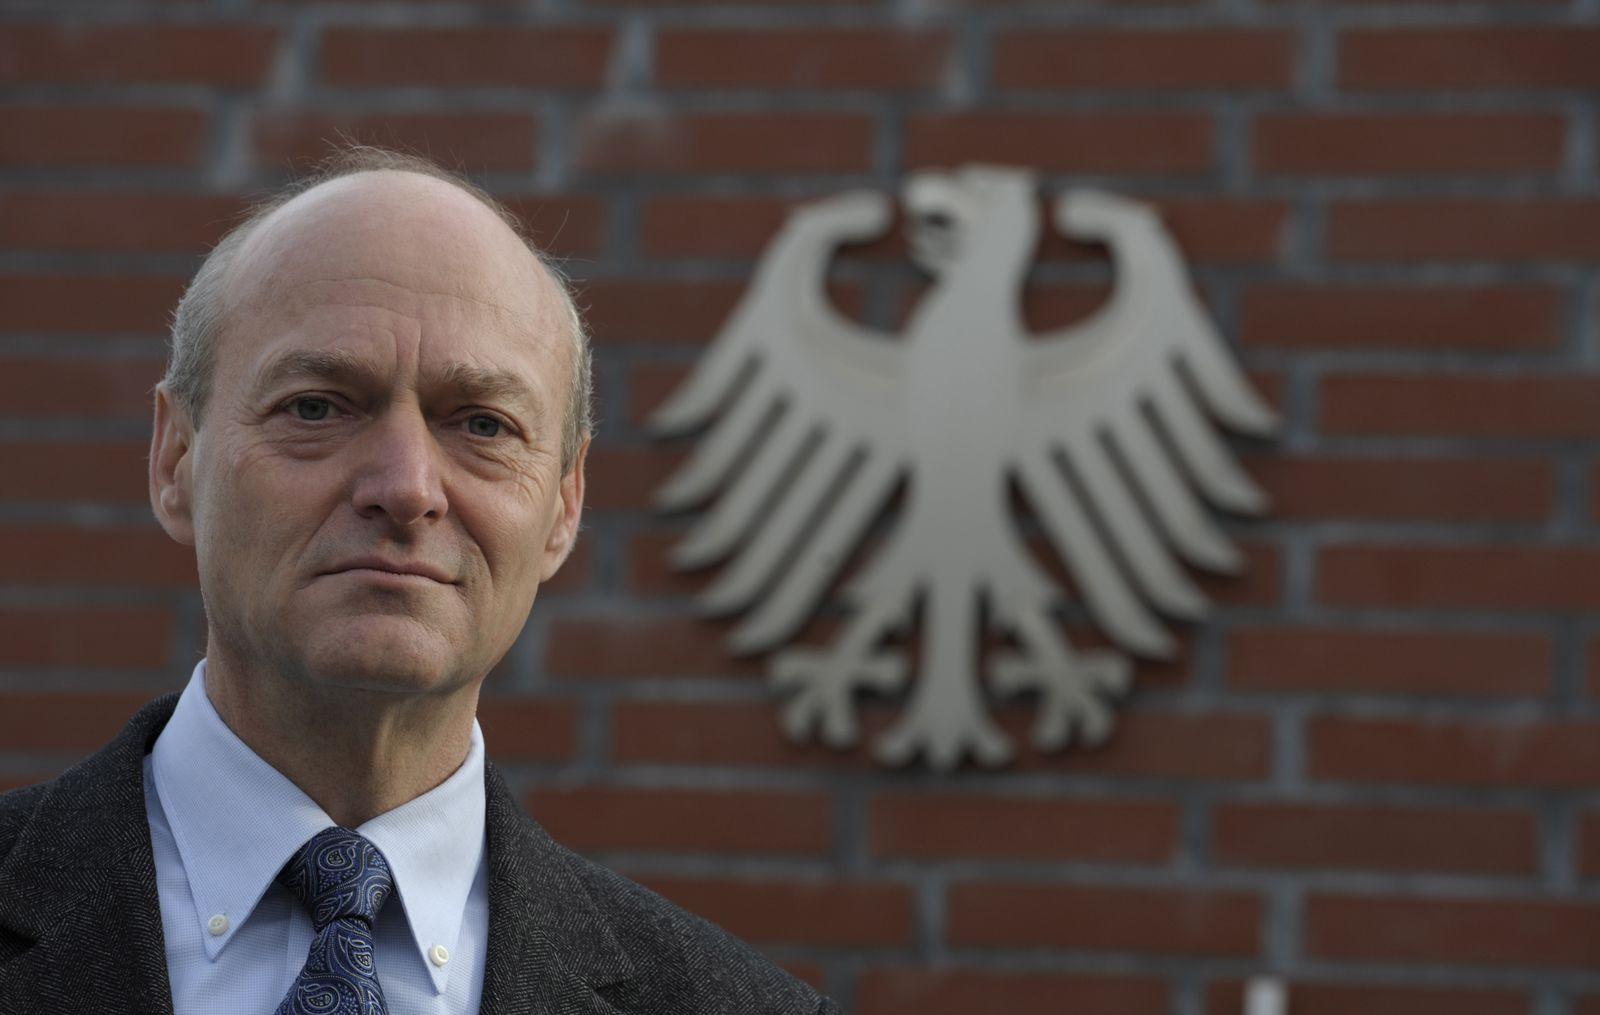 NICHT VERWENDEN Gerhard Schindler